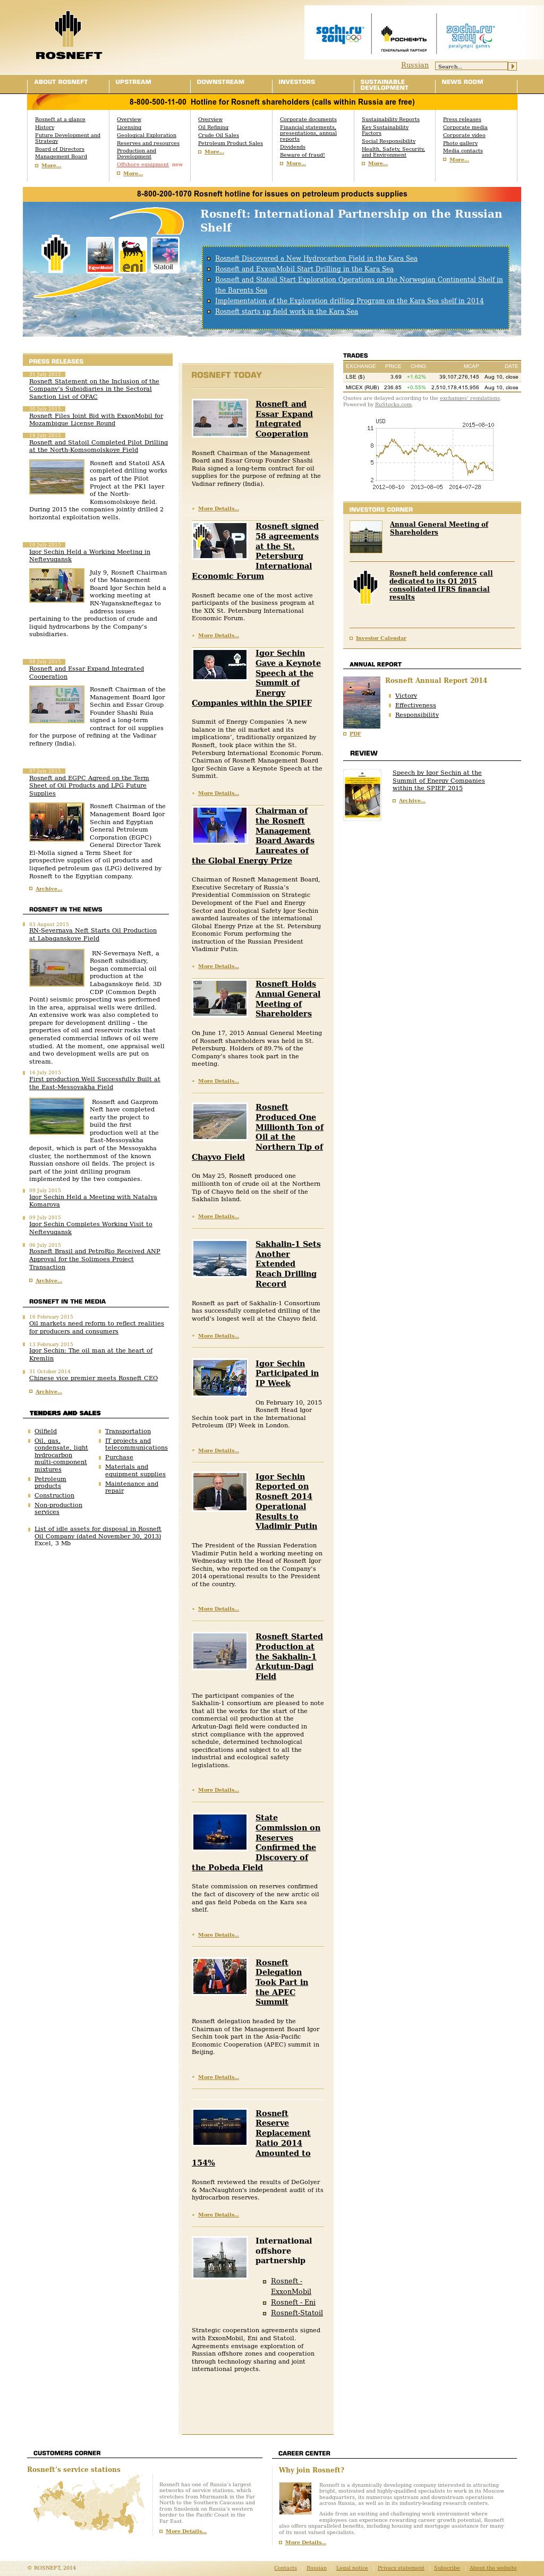 Oil Rosneft: customer reviews 66